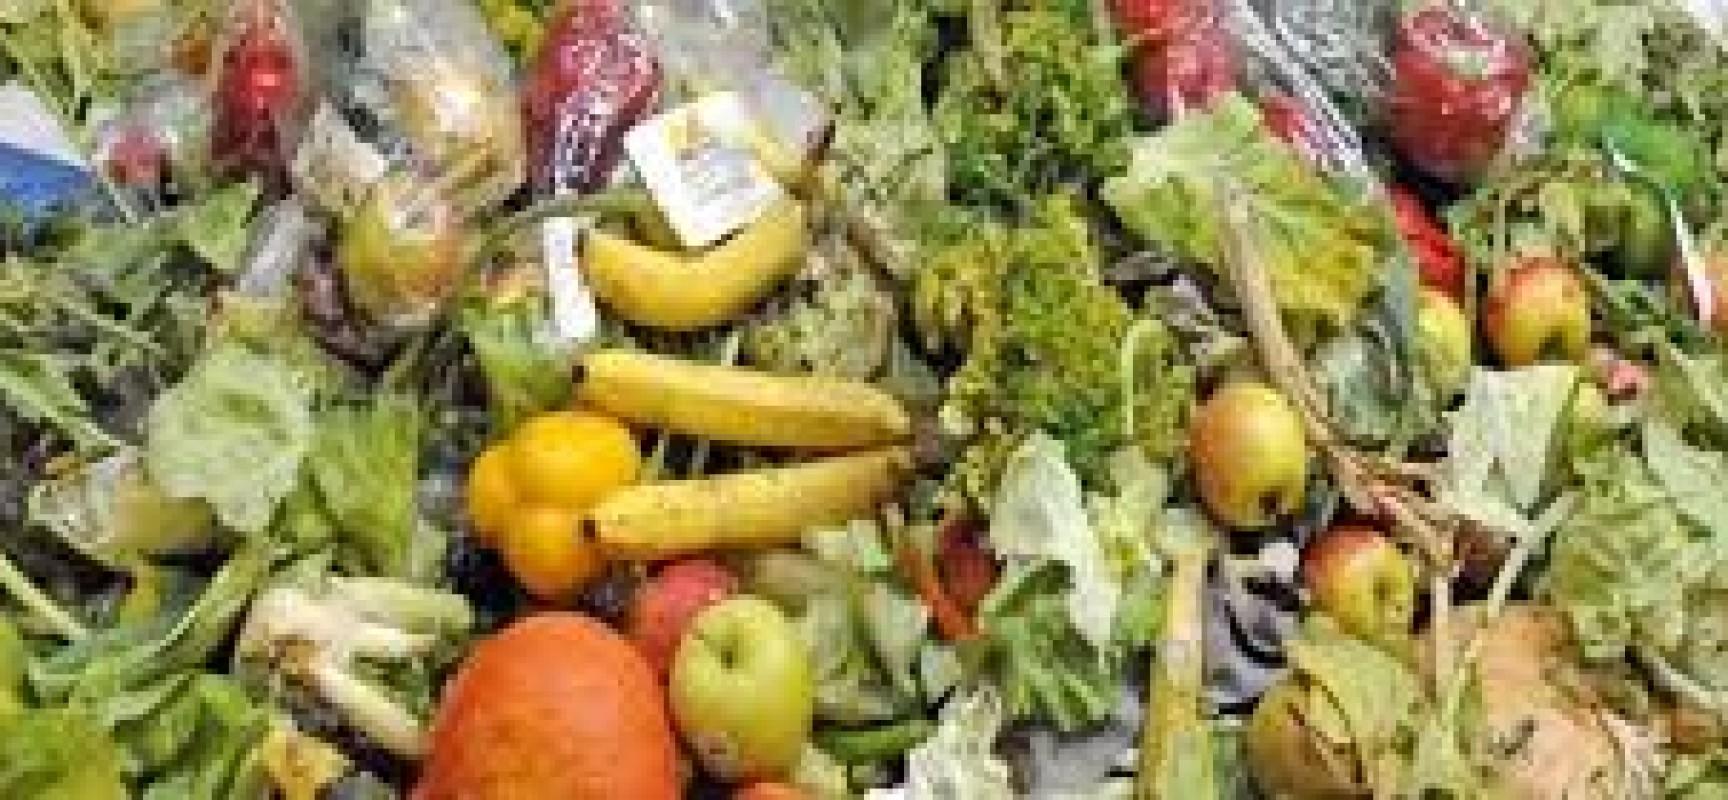 Gaspillage alimentaire : des outils numériques pour aider les artisans